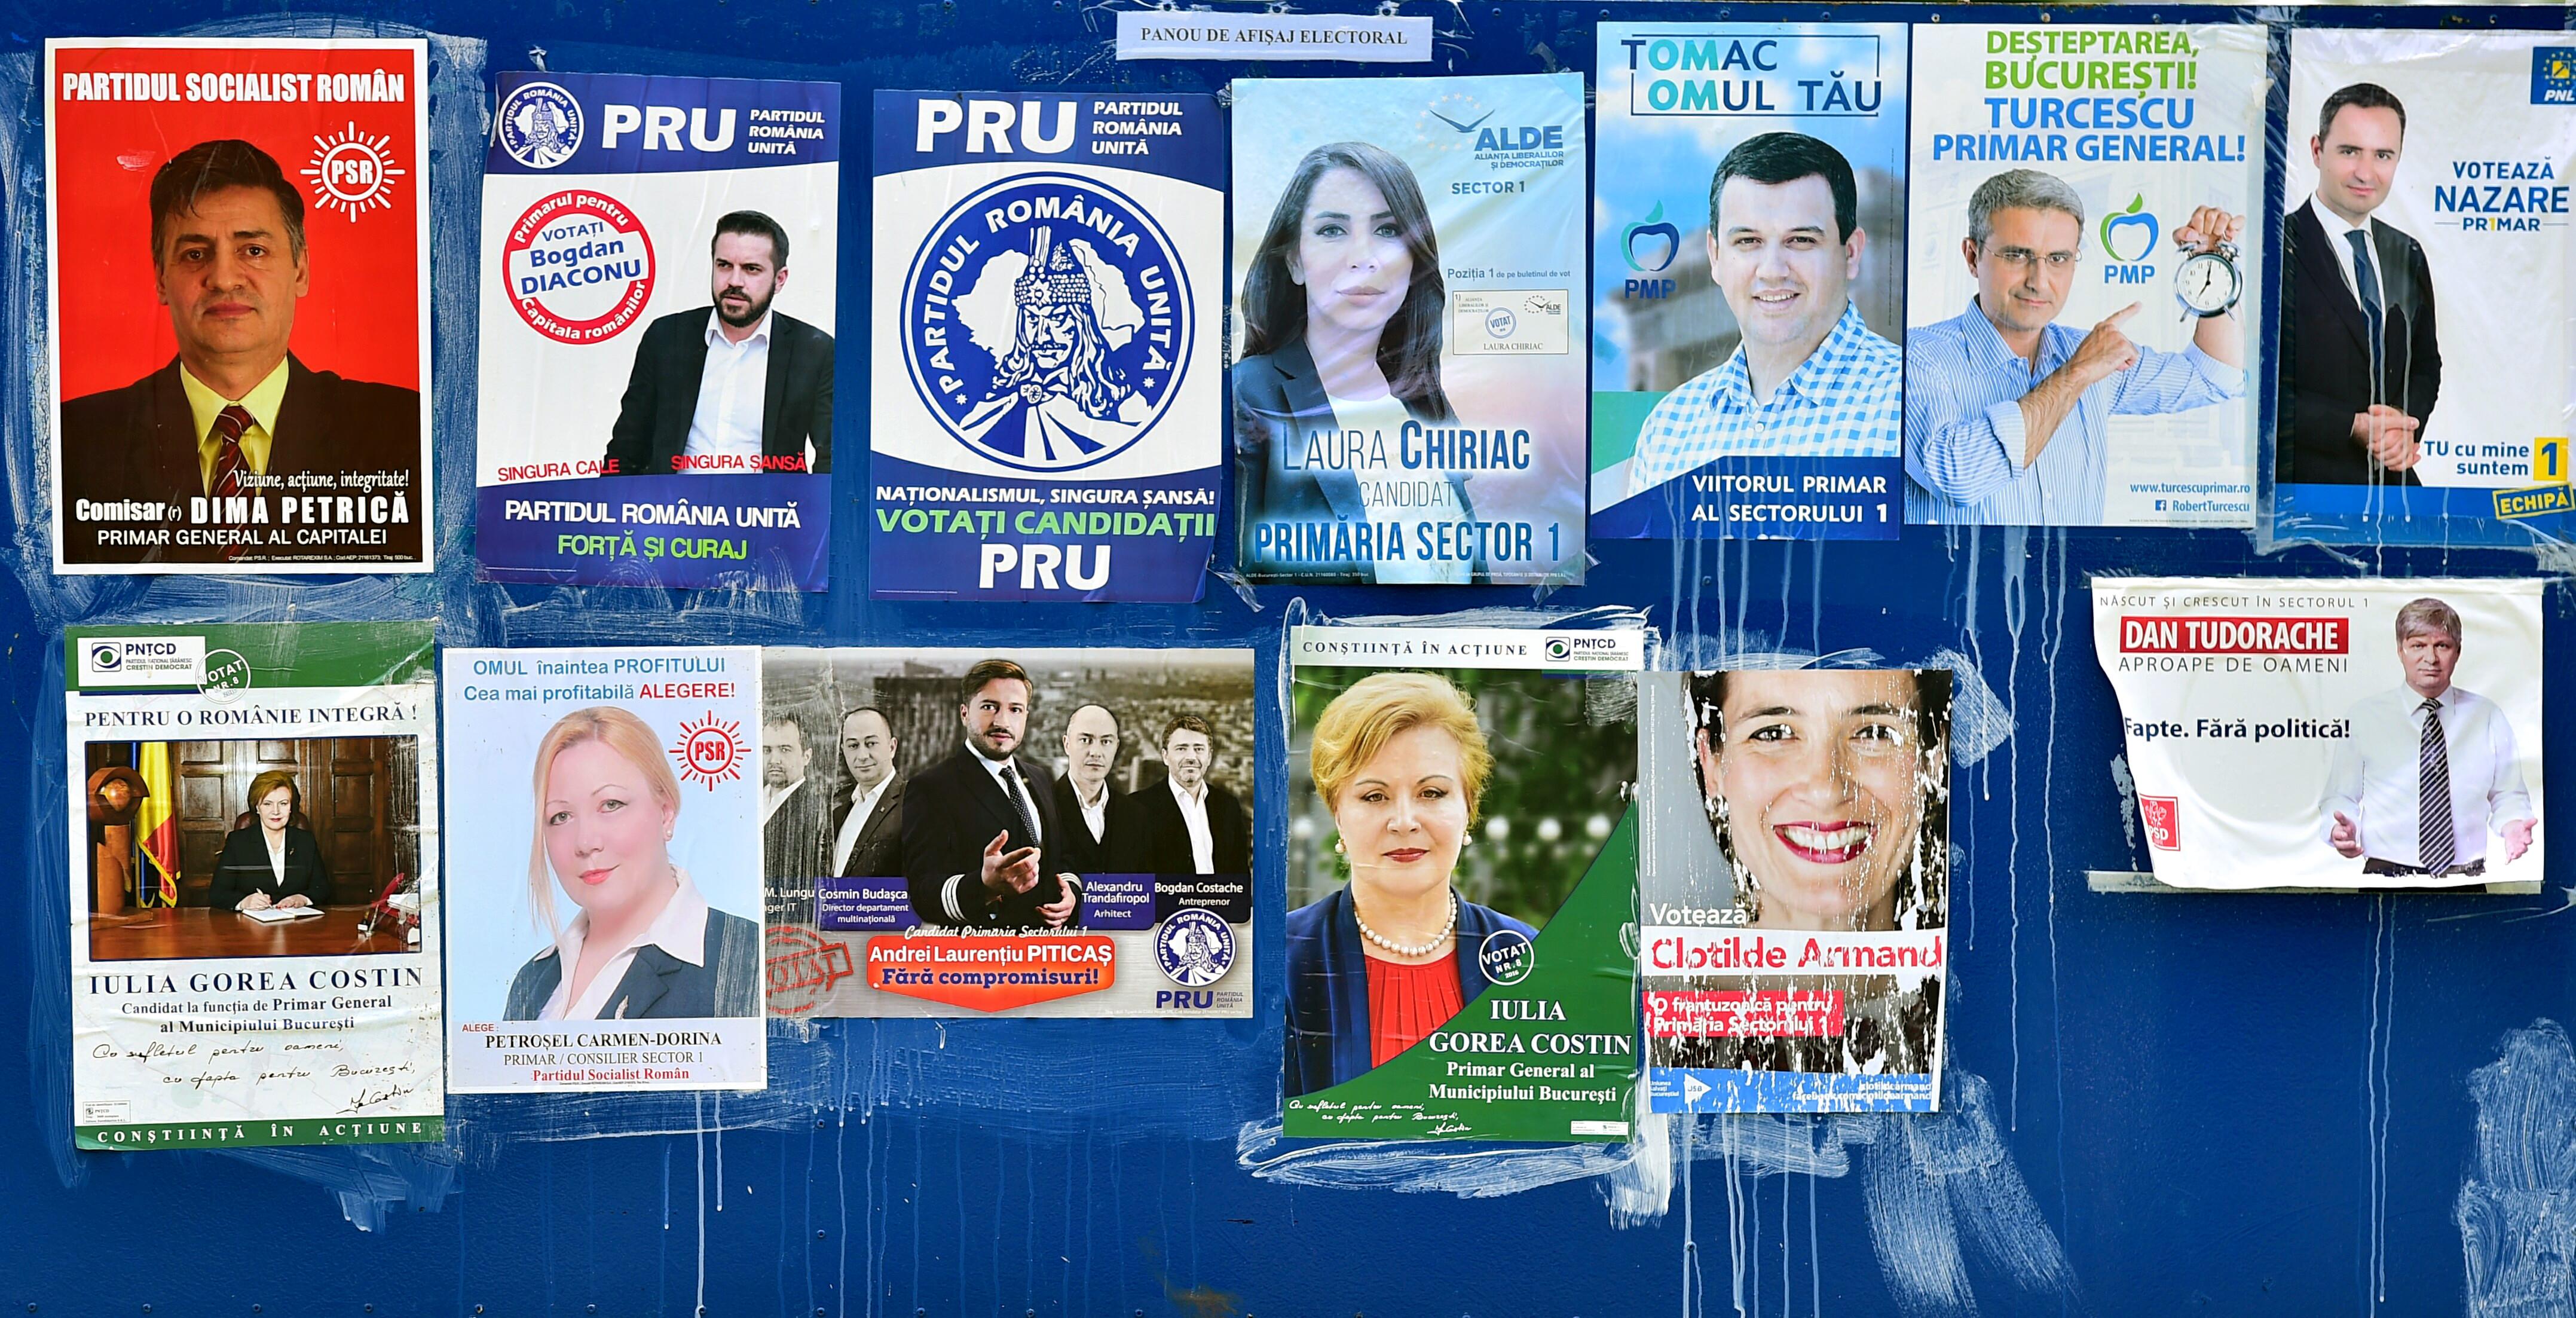 Alegeri parlamentare 2020. Începe campania electorală. Măsuri speciale impuse în pandemie